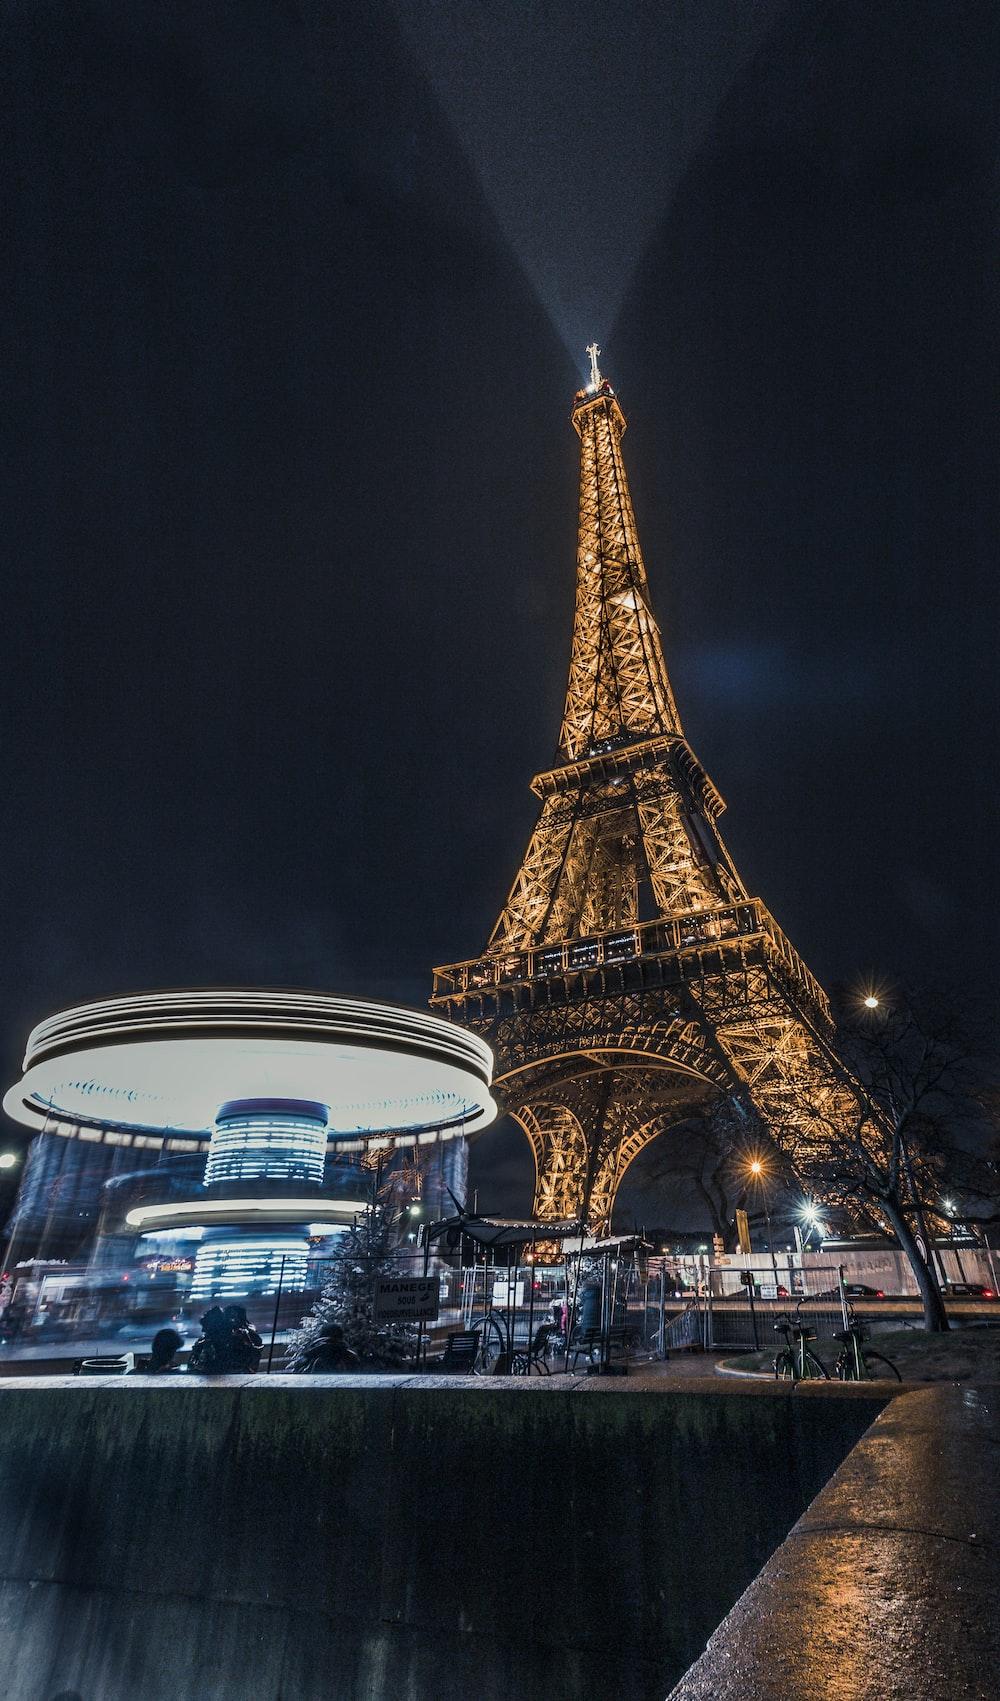 Eiffel Tower, Paris turned on lights